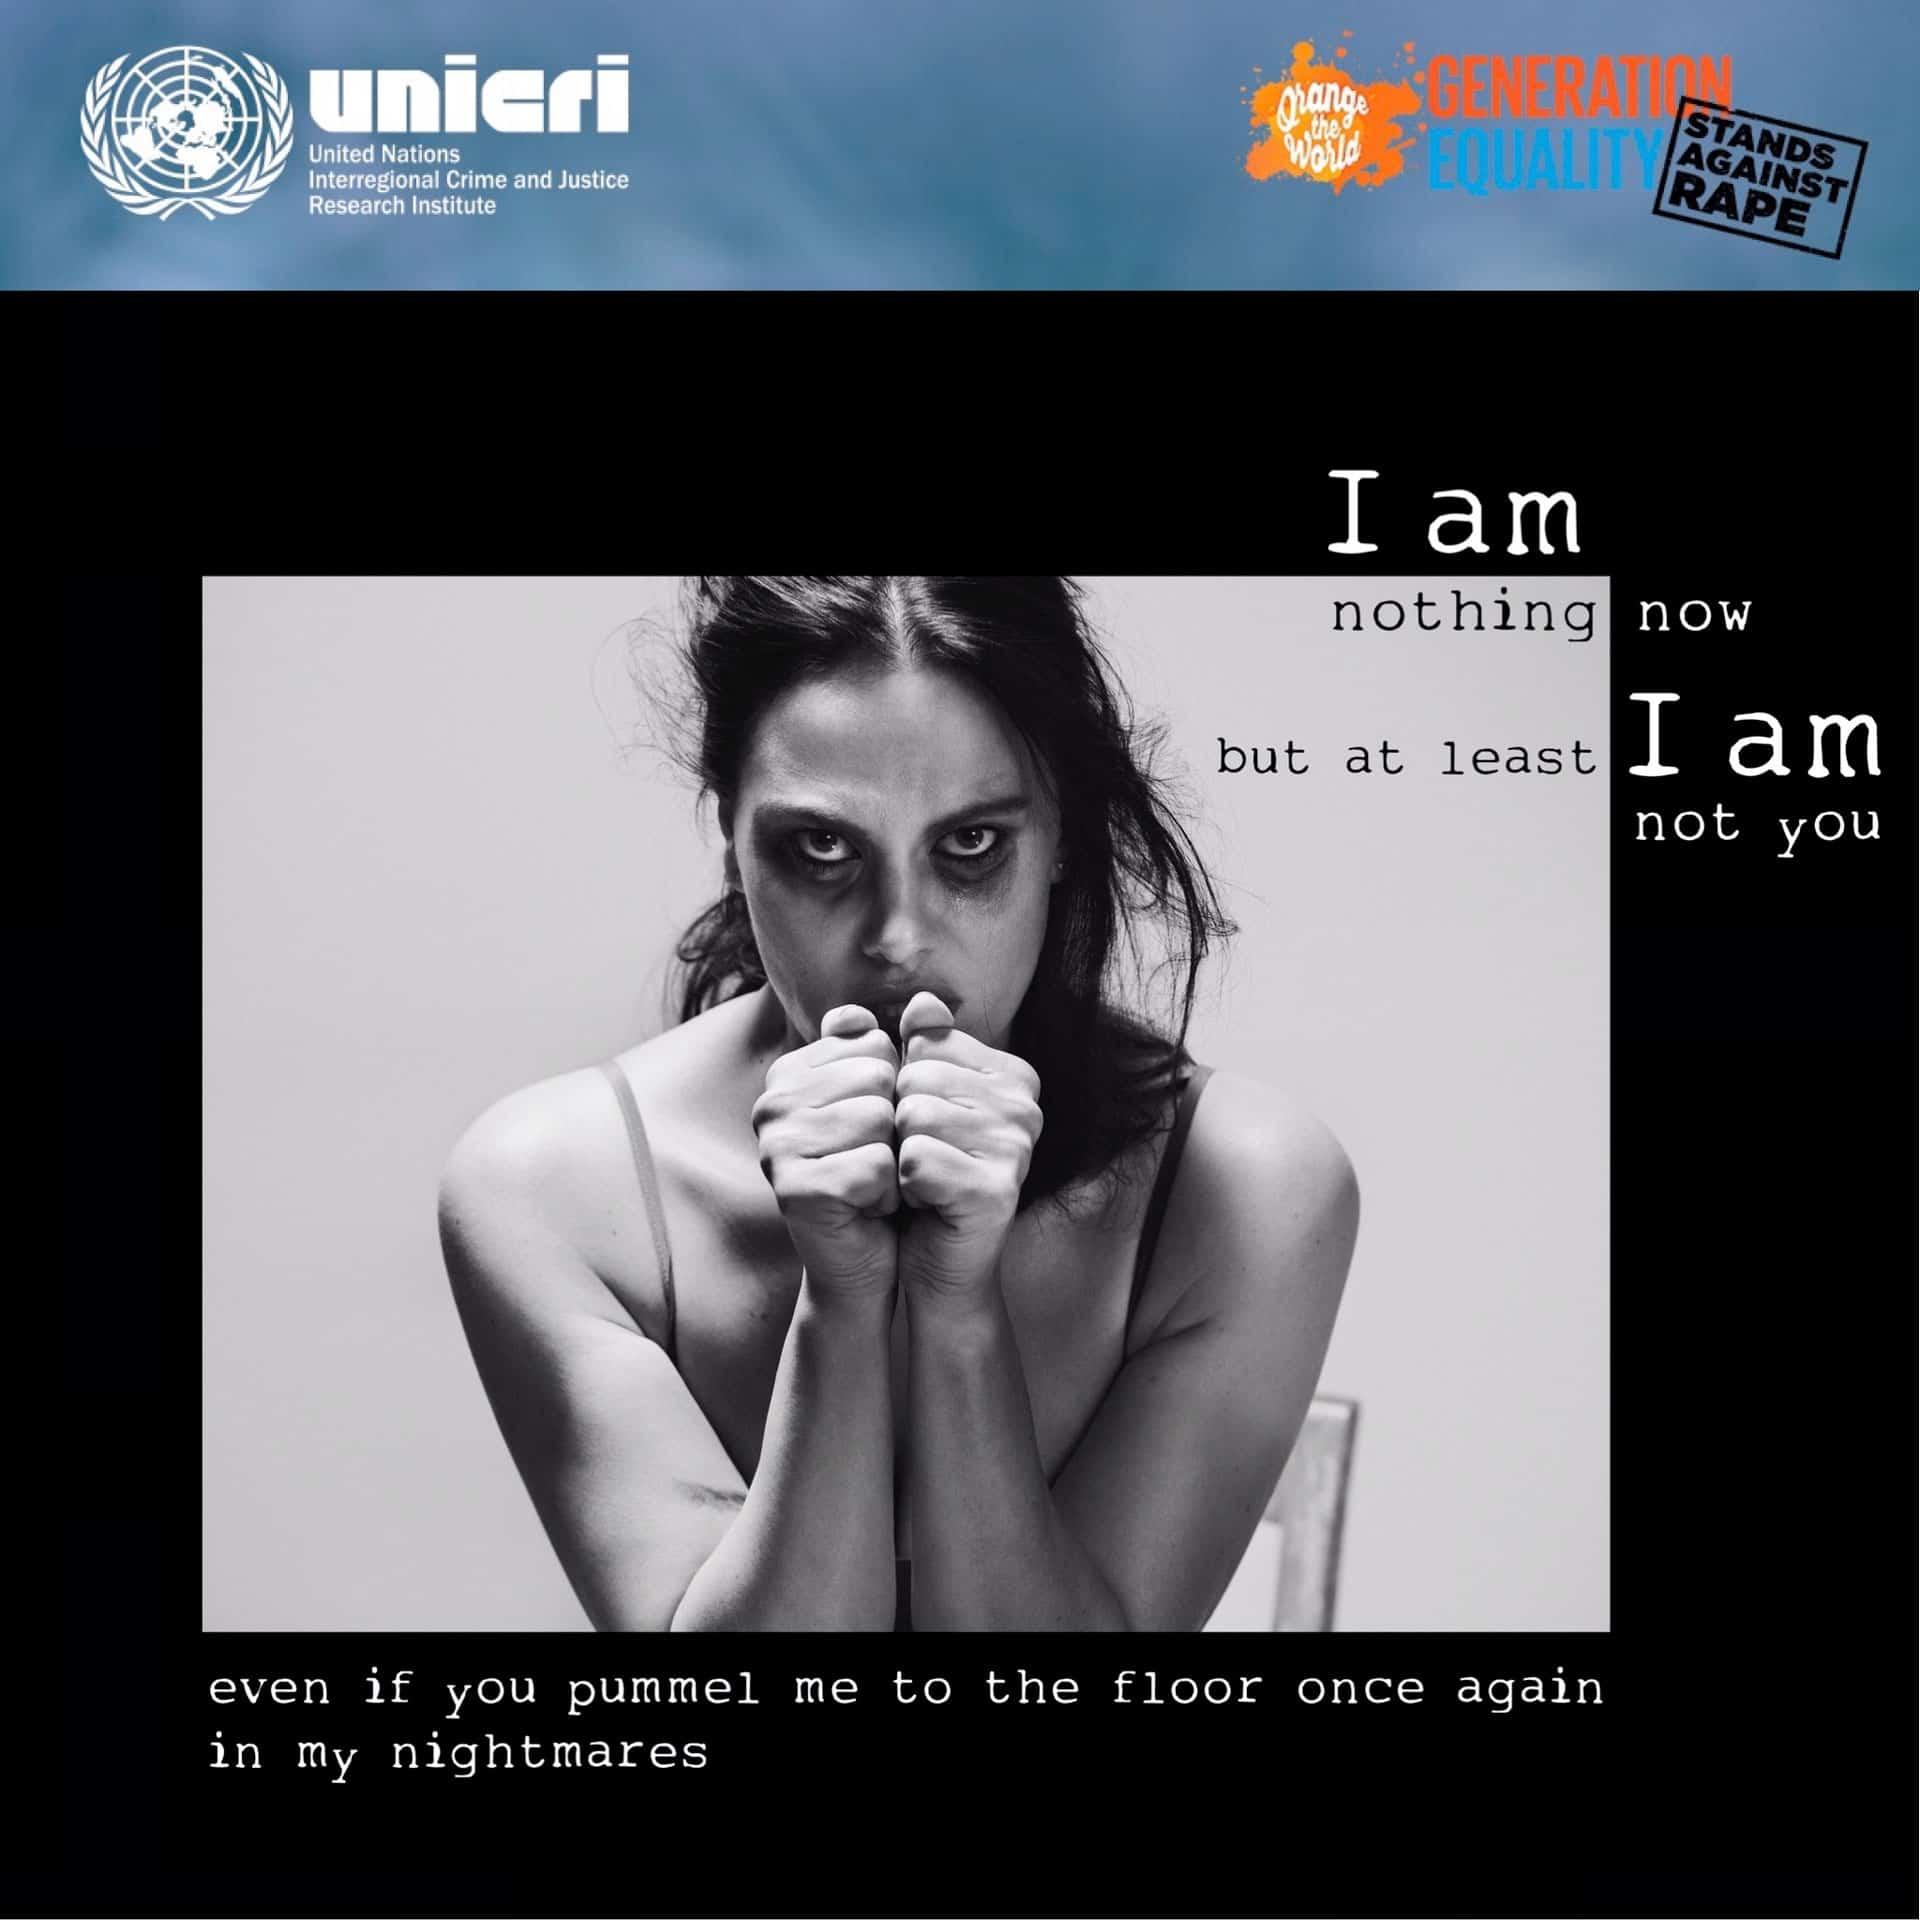 Campagna UNICRI Nazioni Unite contro la violenza sulle donne - testimonial Melania Dalla Costa